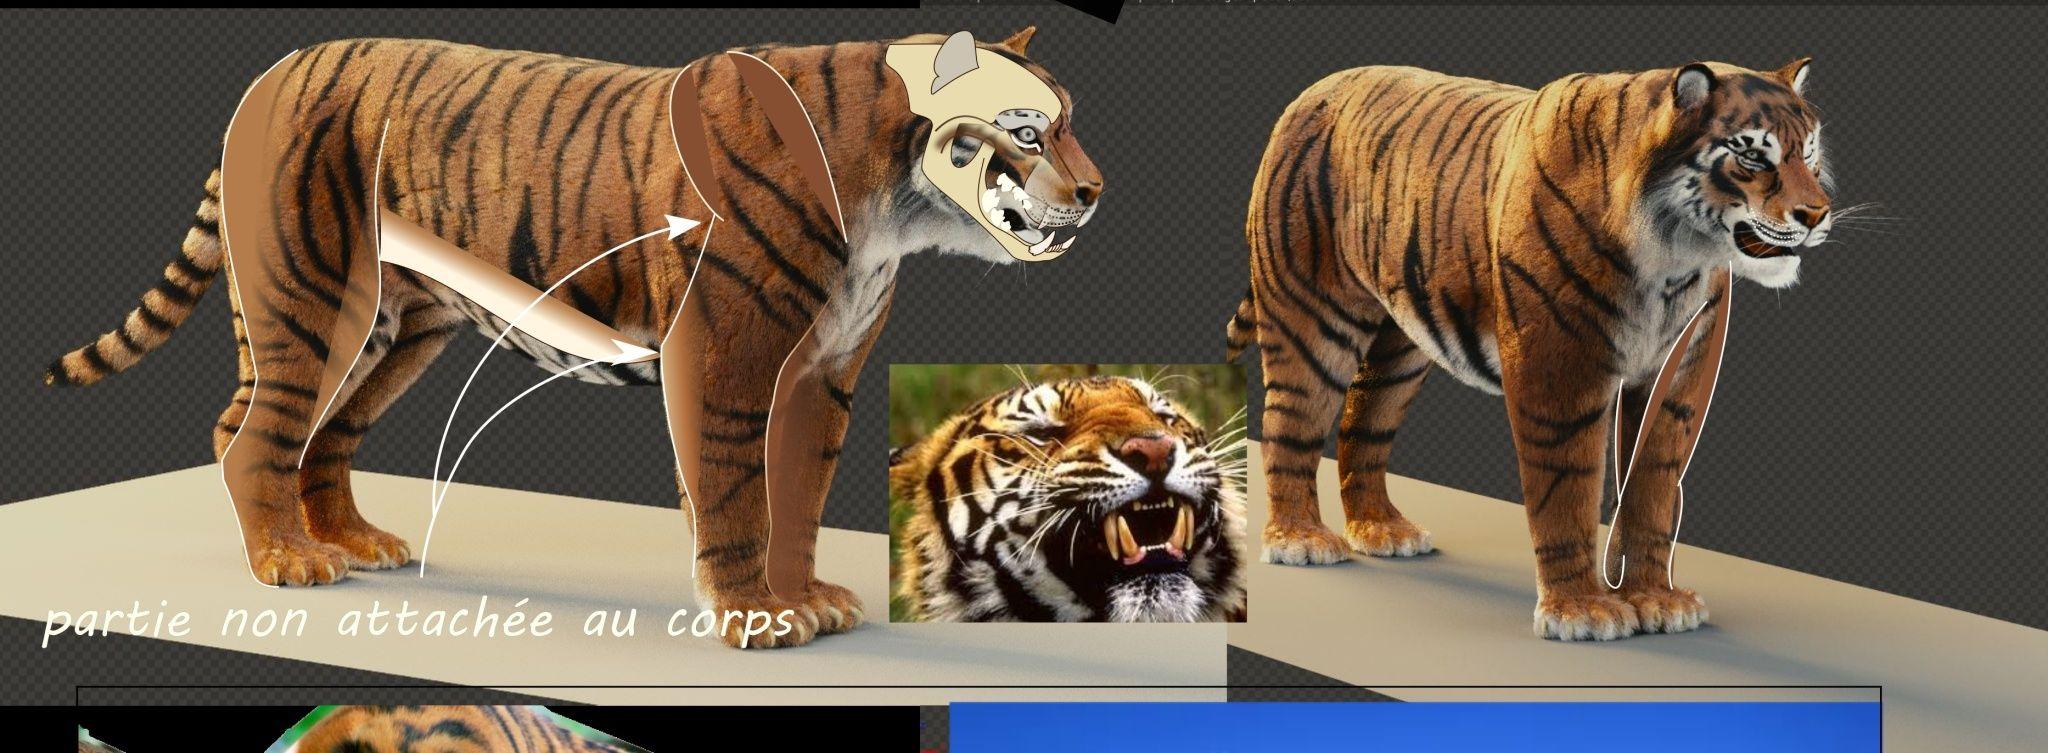 tigre_11.jpg